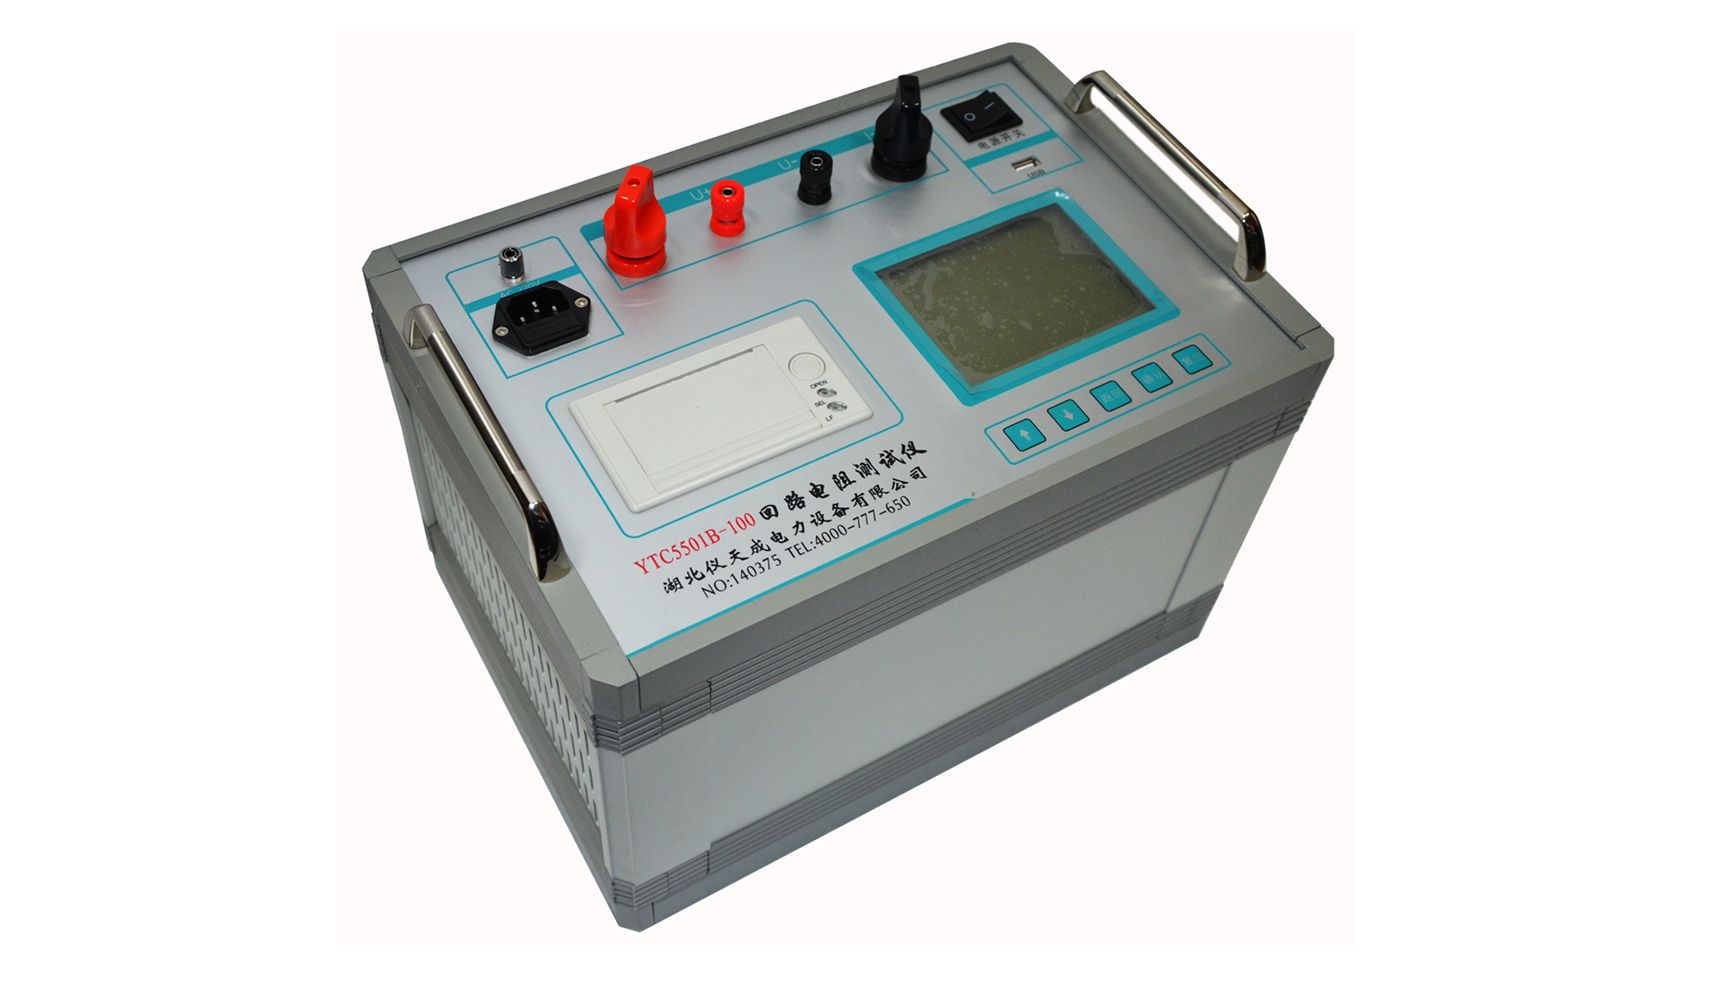 YTC5501接触电阻测试仪是根据中华人民共和国最新电力执行标准DL/T845.4-2004,采用高频开关电源技术和数字电路技术相结合设计而成。该回路电阻测试仪适用于开关控制设备回路电阻的测量。其测试电流采用国家标准推荐的直流100A。 YTC5501接触电阻测试仪在电流100A的情况下直接测得回路电阻,并用数字显示出来。该回路电阻测试仪仪器测量准确、性能稳定,符合电力、供电部门现场高压开关维修和高压开关厂回路电阻测试的要求。 产品别称:接触电阻测试仪、开关回路电阻测试仪。